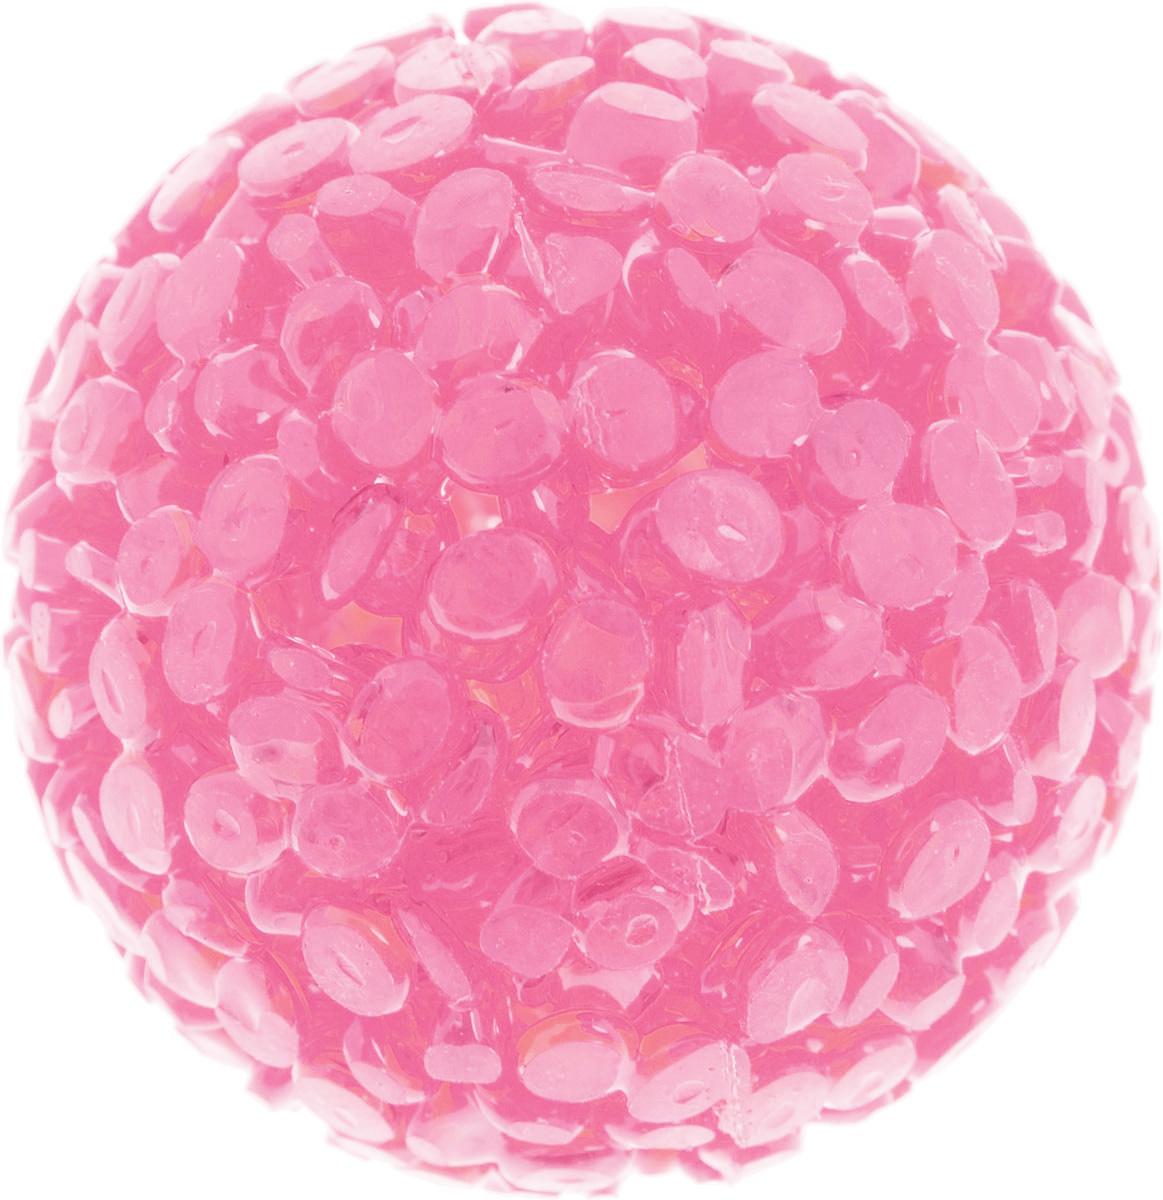 Игрушка для животных Каскад Мячик блестящий, цвет: розовый, диаметр 4 см0120710Игрушка для животных Каскад Мячик блестящийизготовлена из высококачественной синтетики. Внутриизделия имеется небольшой бубенчик, которыйпривлечет внимание питомца.Такая игрушка порадует вашего любимца, а вам доставитмассу приятных эмоций, ведь наблюдать за игрой всегдаинтересно и приятно. Диаметр игрушки: 4 см.